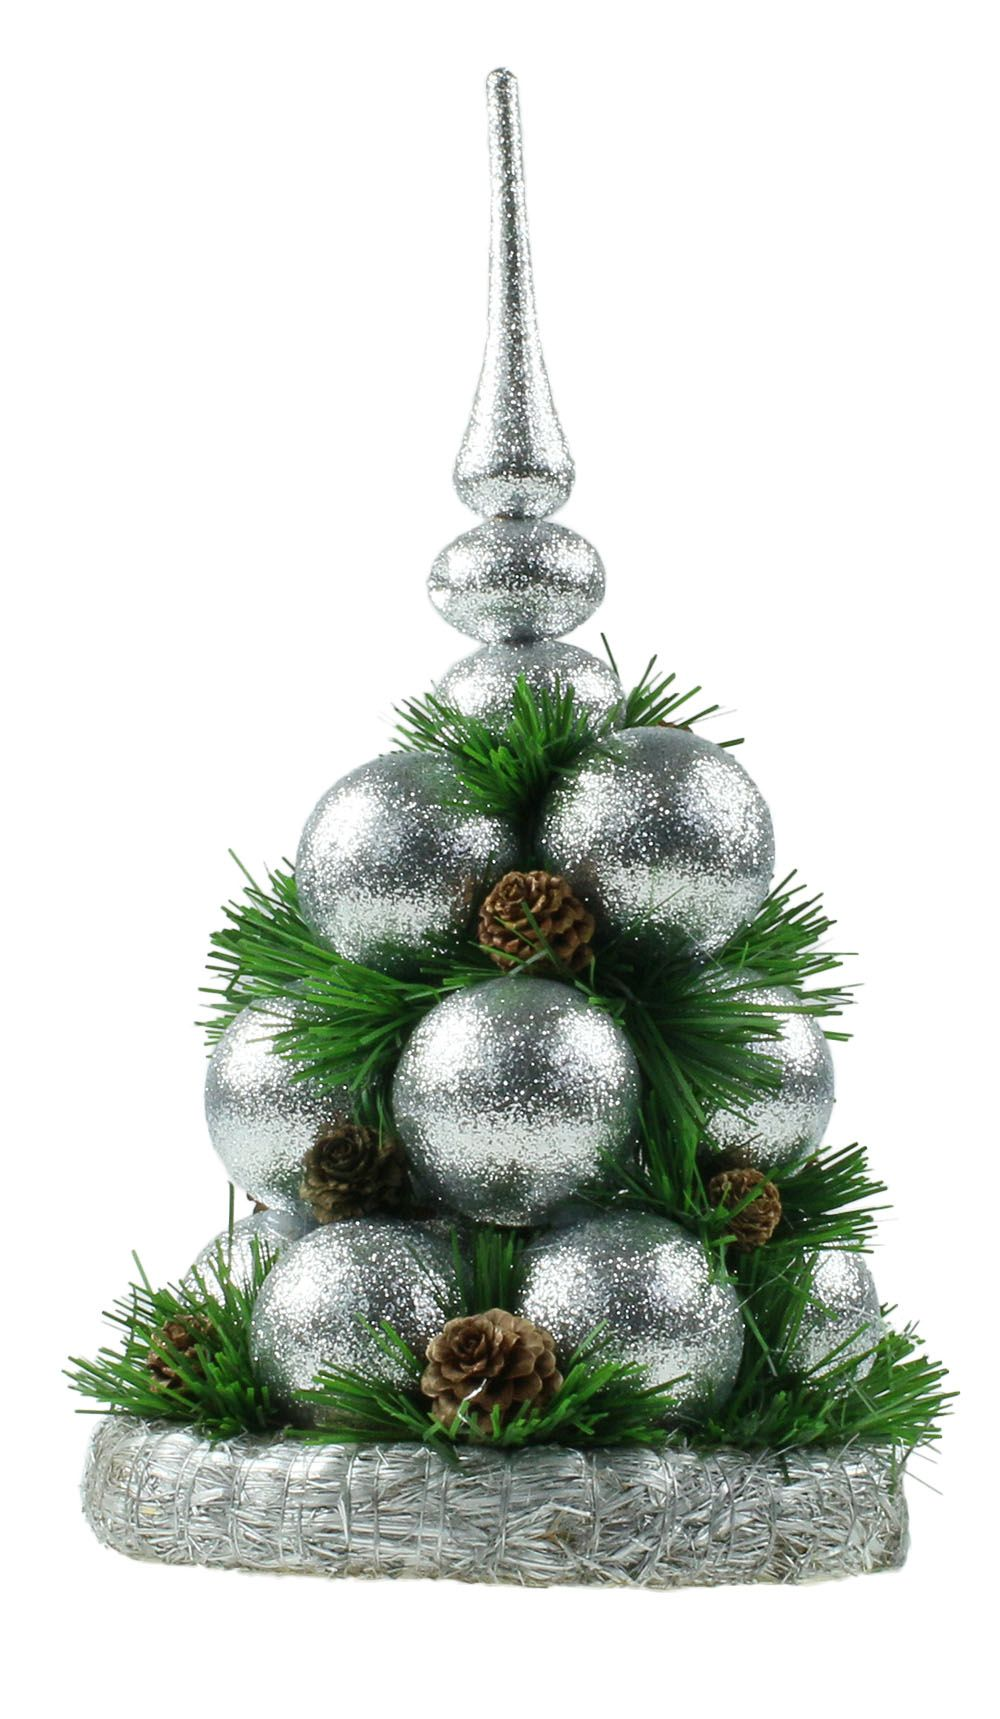 Bombki Choinka Ozdoby Choinkowe Na Swieta 40 Cm 7017828759 Oficjalne Archiwum Allegro Christmas Decorations Xmas Crafts Holiday Decor